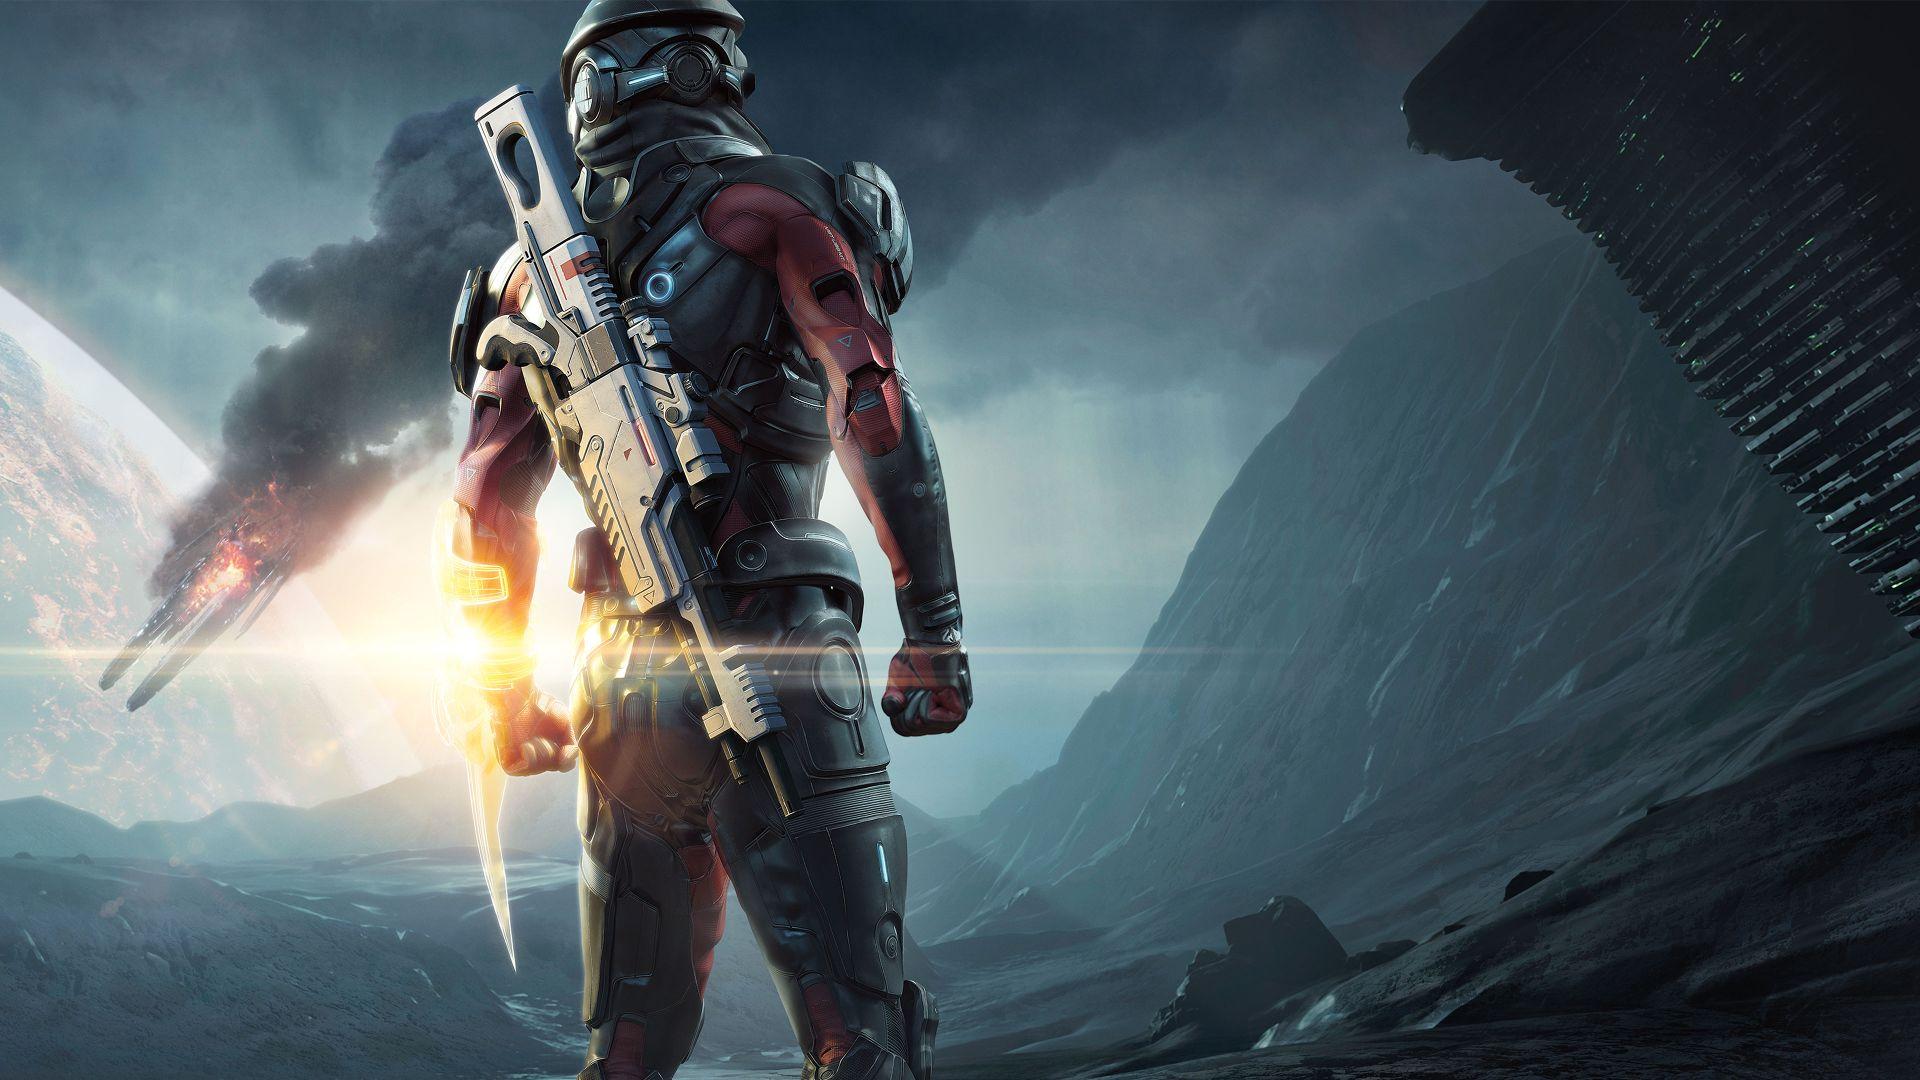 Lekkasjene stemte - det kommer ikke flere utvidelser til Mass Effect: Andromeda, bekrefter BioWare.